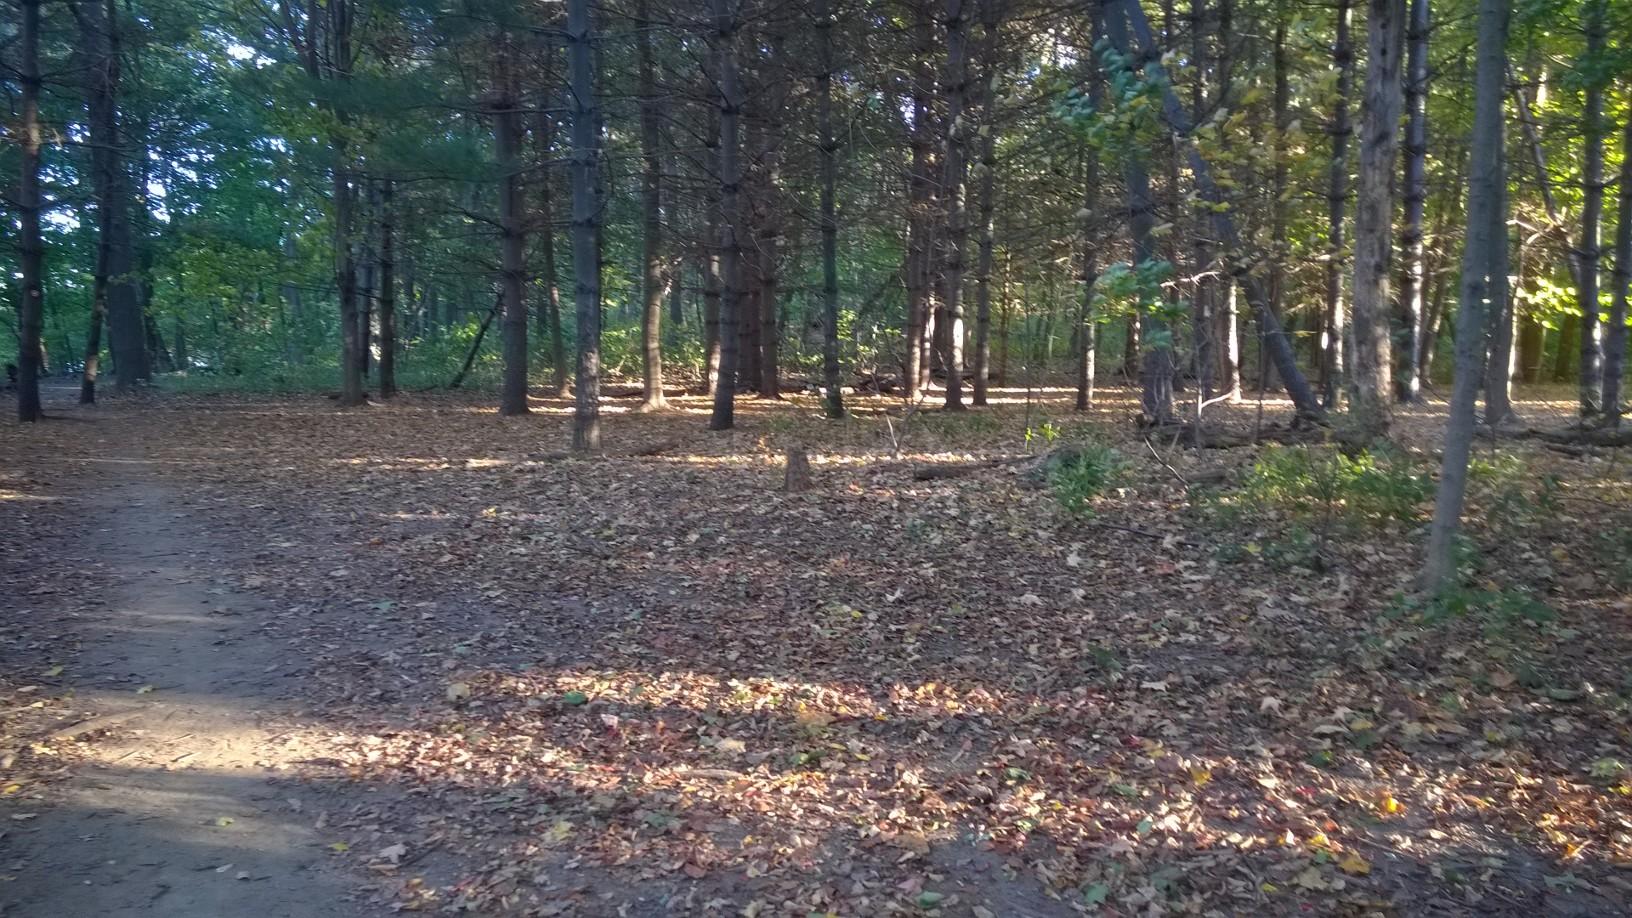 forest walk path.jpg